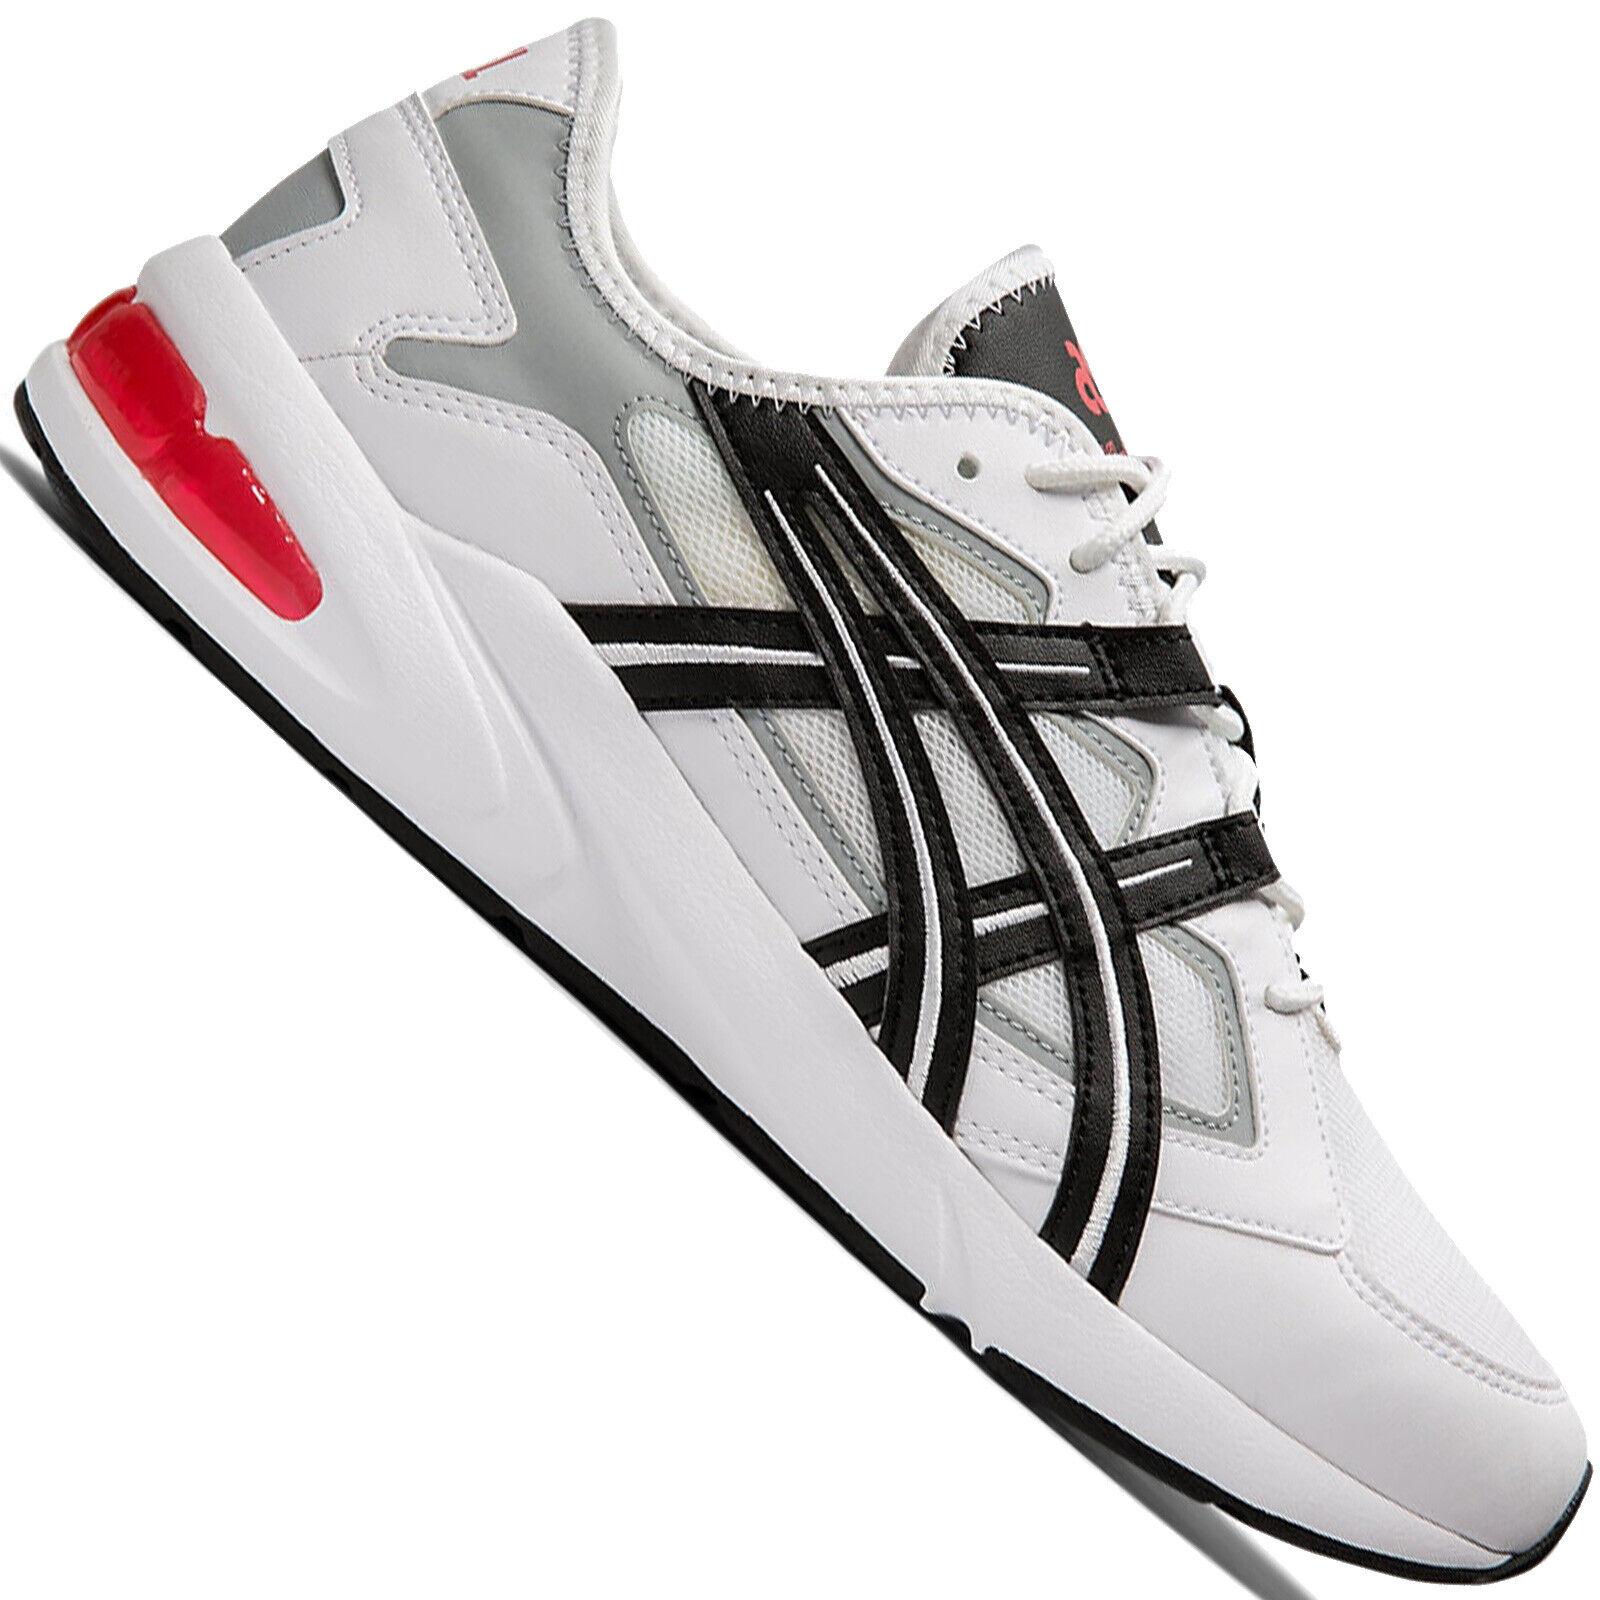 Asics Tiger Gel-Kayano 5.1 Zapatillas de Hombre Correr Entrenamiento Fitness